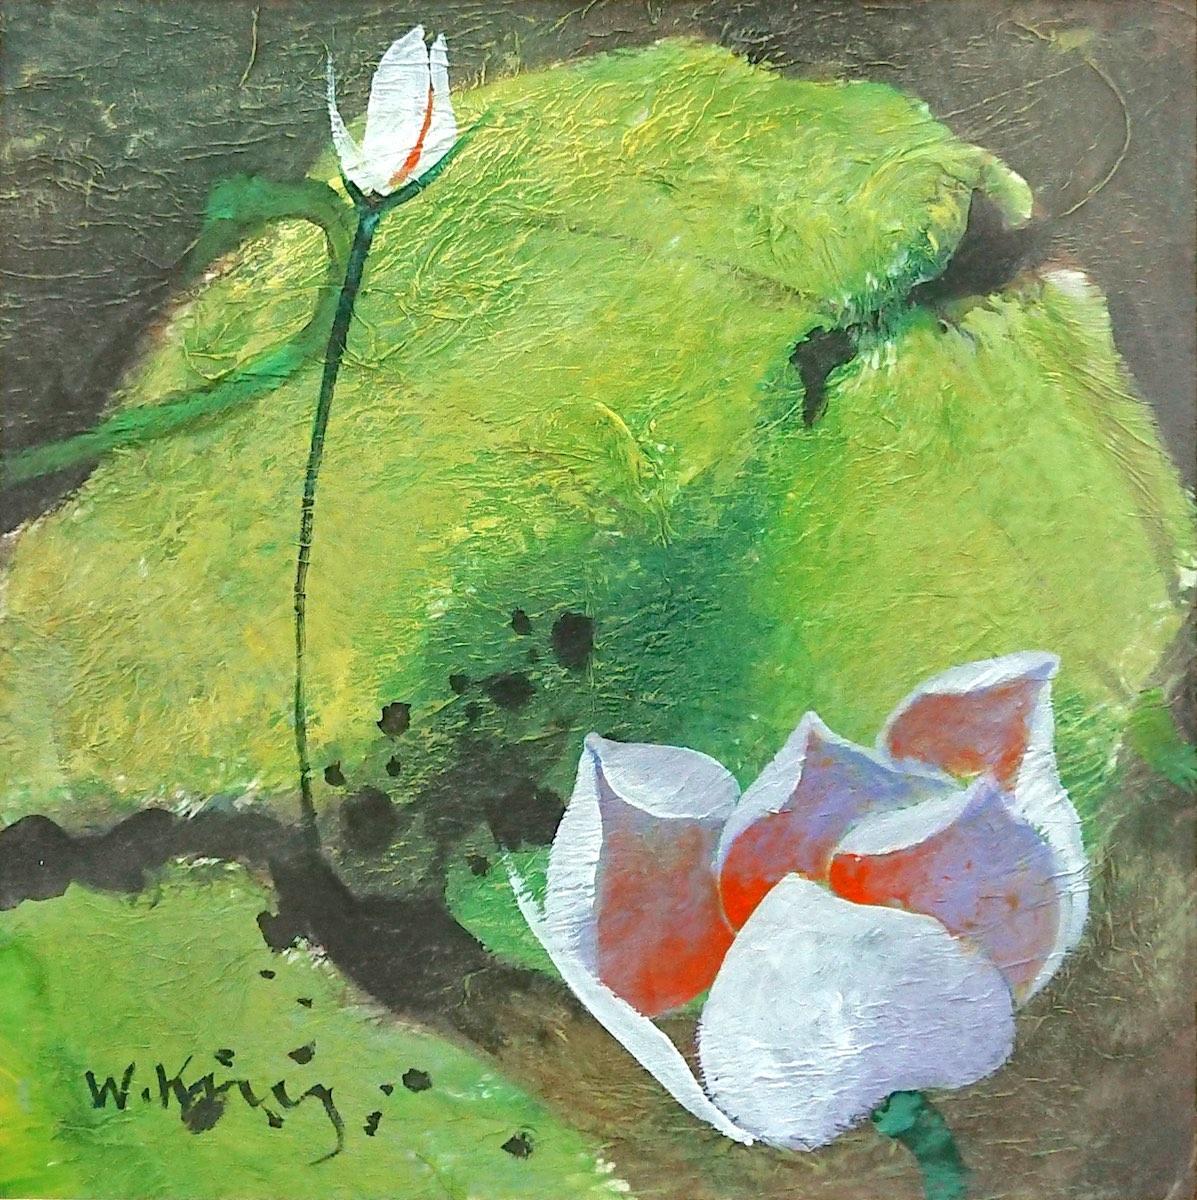 White Lotus by Fong Kim Sing